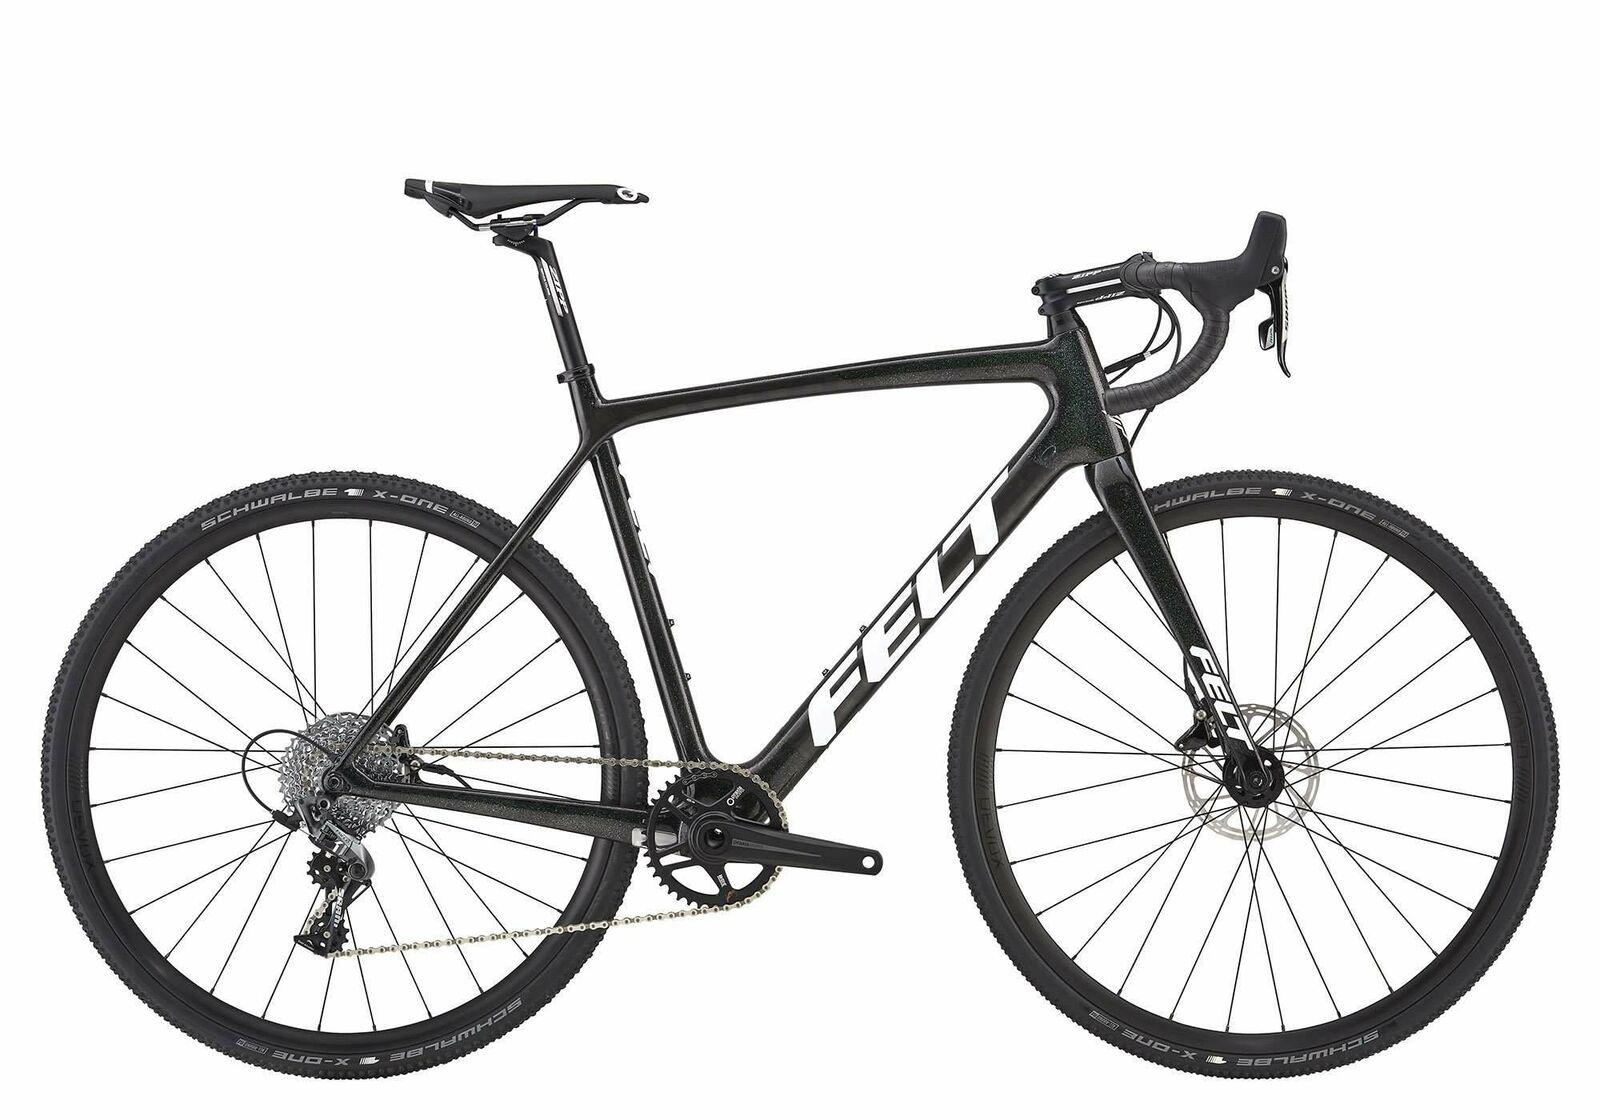 2019 Felt F3X Carbon Cyclocross Bike // Gravel Road CX Disc Sram Rival 1x11  55cm